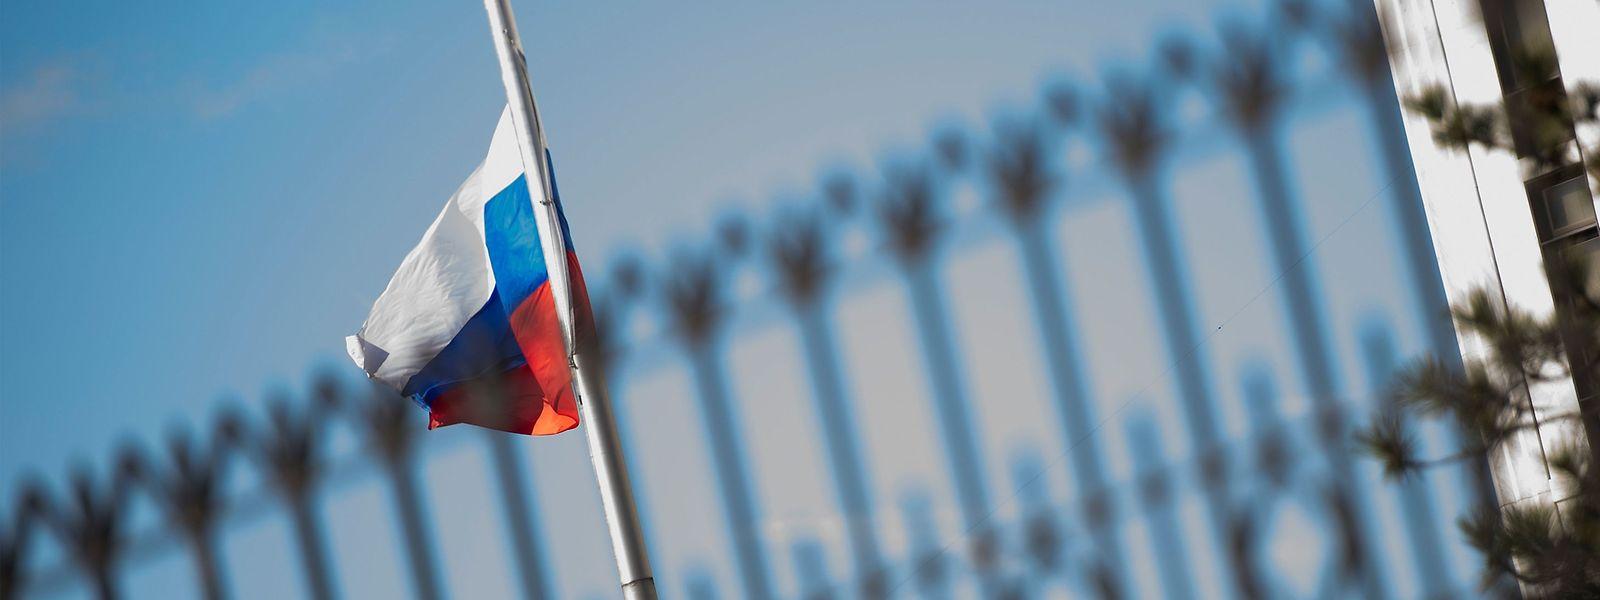 Rund 30 russische Diplomaten müssen als Konsequenz des Falls Skripal die EU verlassen. Offizielle in Luxemburg sind aber nicht betroffen.